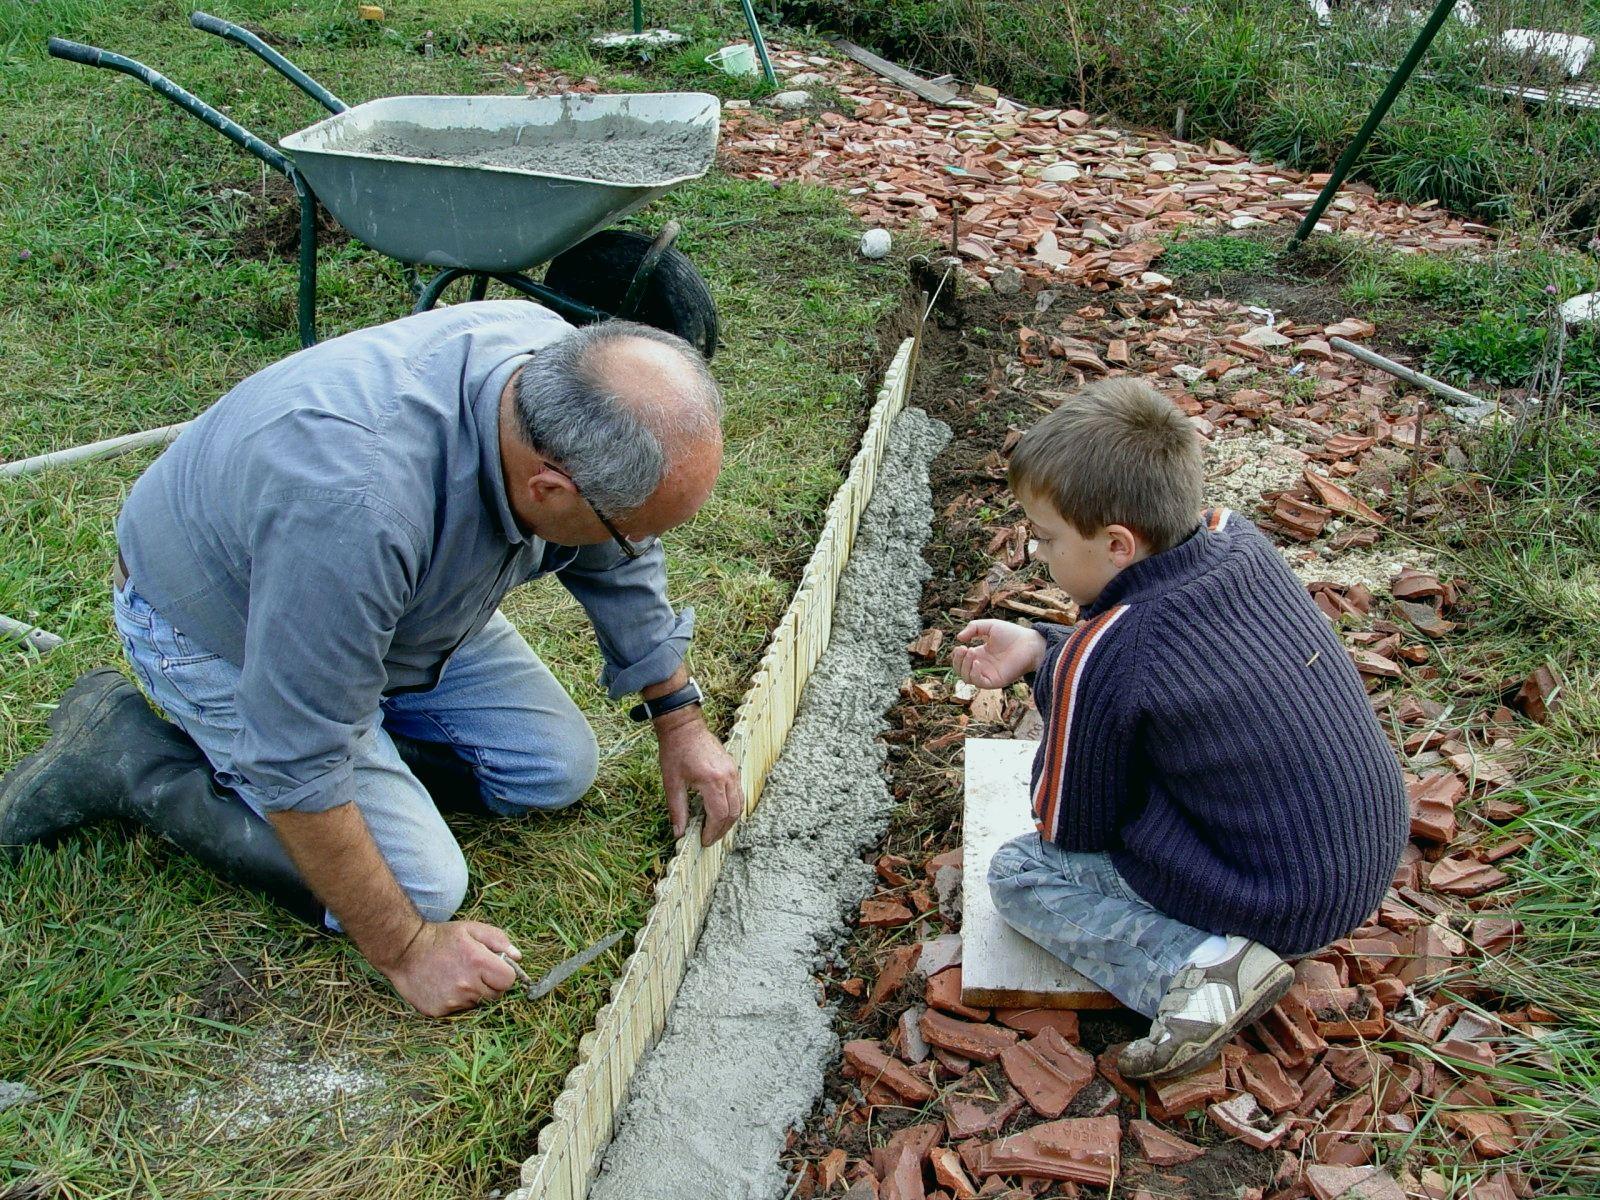 Bordure De Jardin Pierrebordureleroy Merlin Bordure Jardin ... concernant Bordure De Jardin En Ciment Leroy Merlin